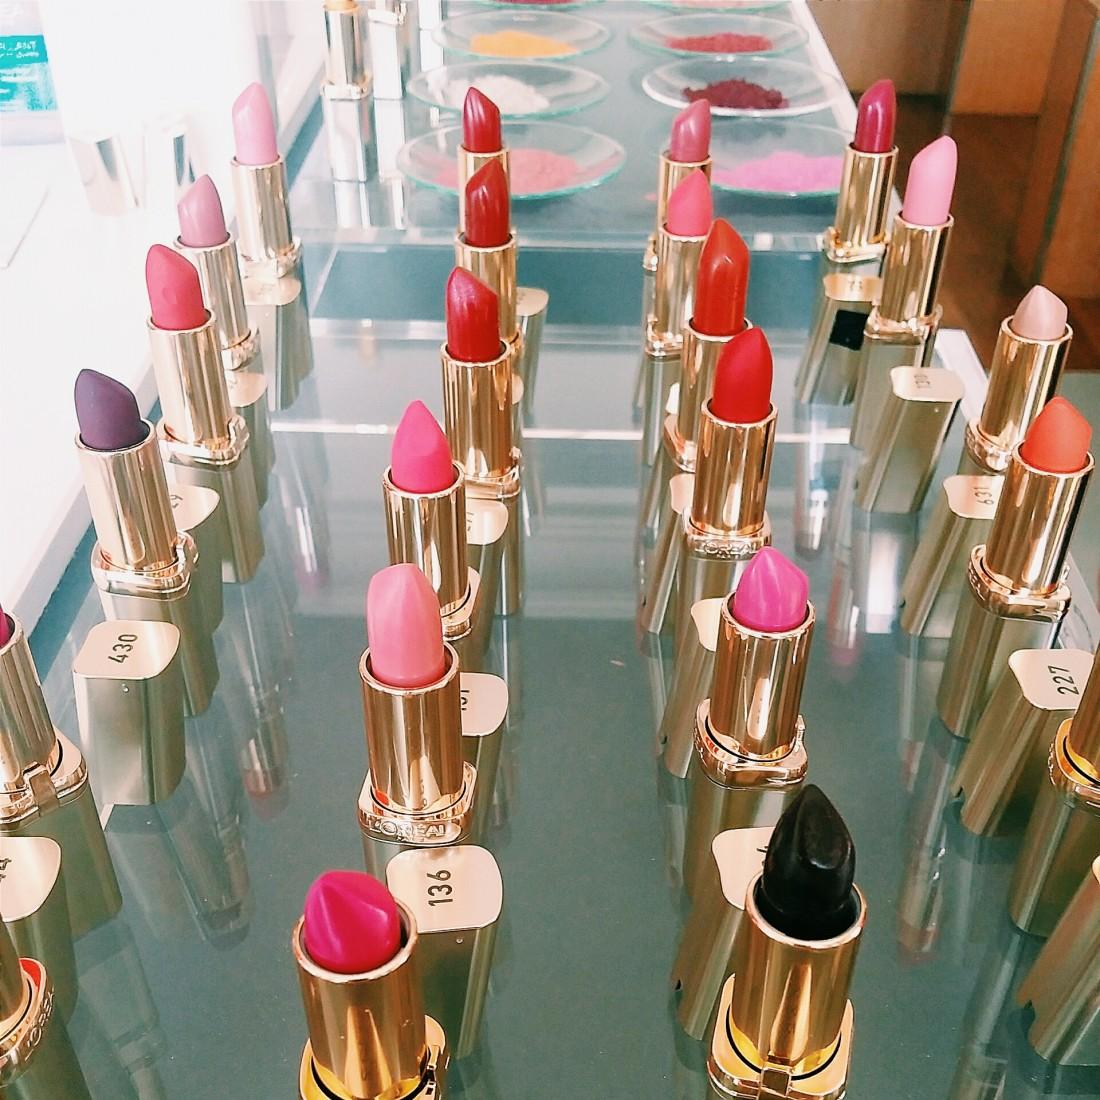 Schönsten Lippenstifte von L'Oreal Paris